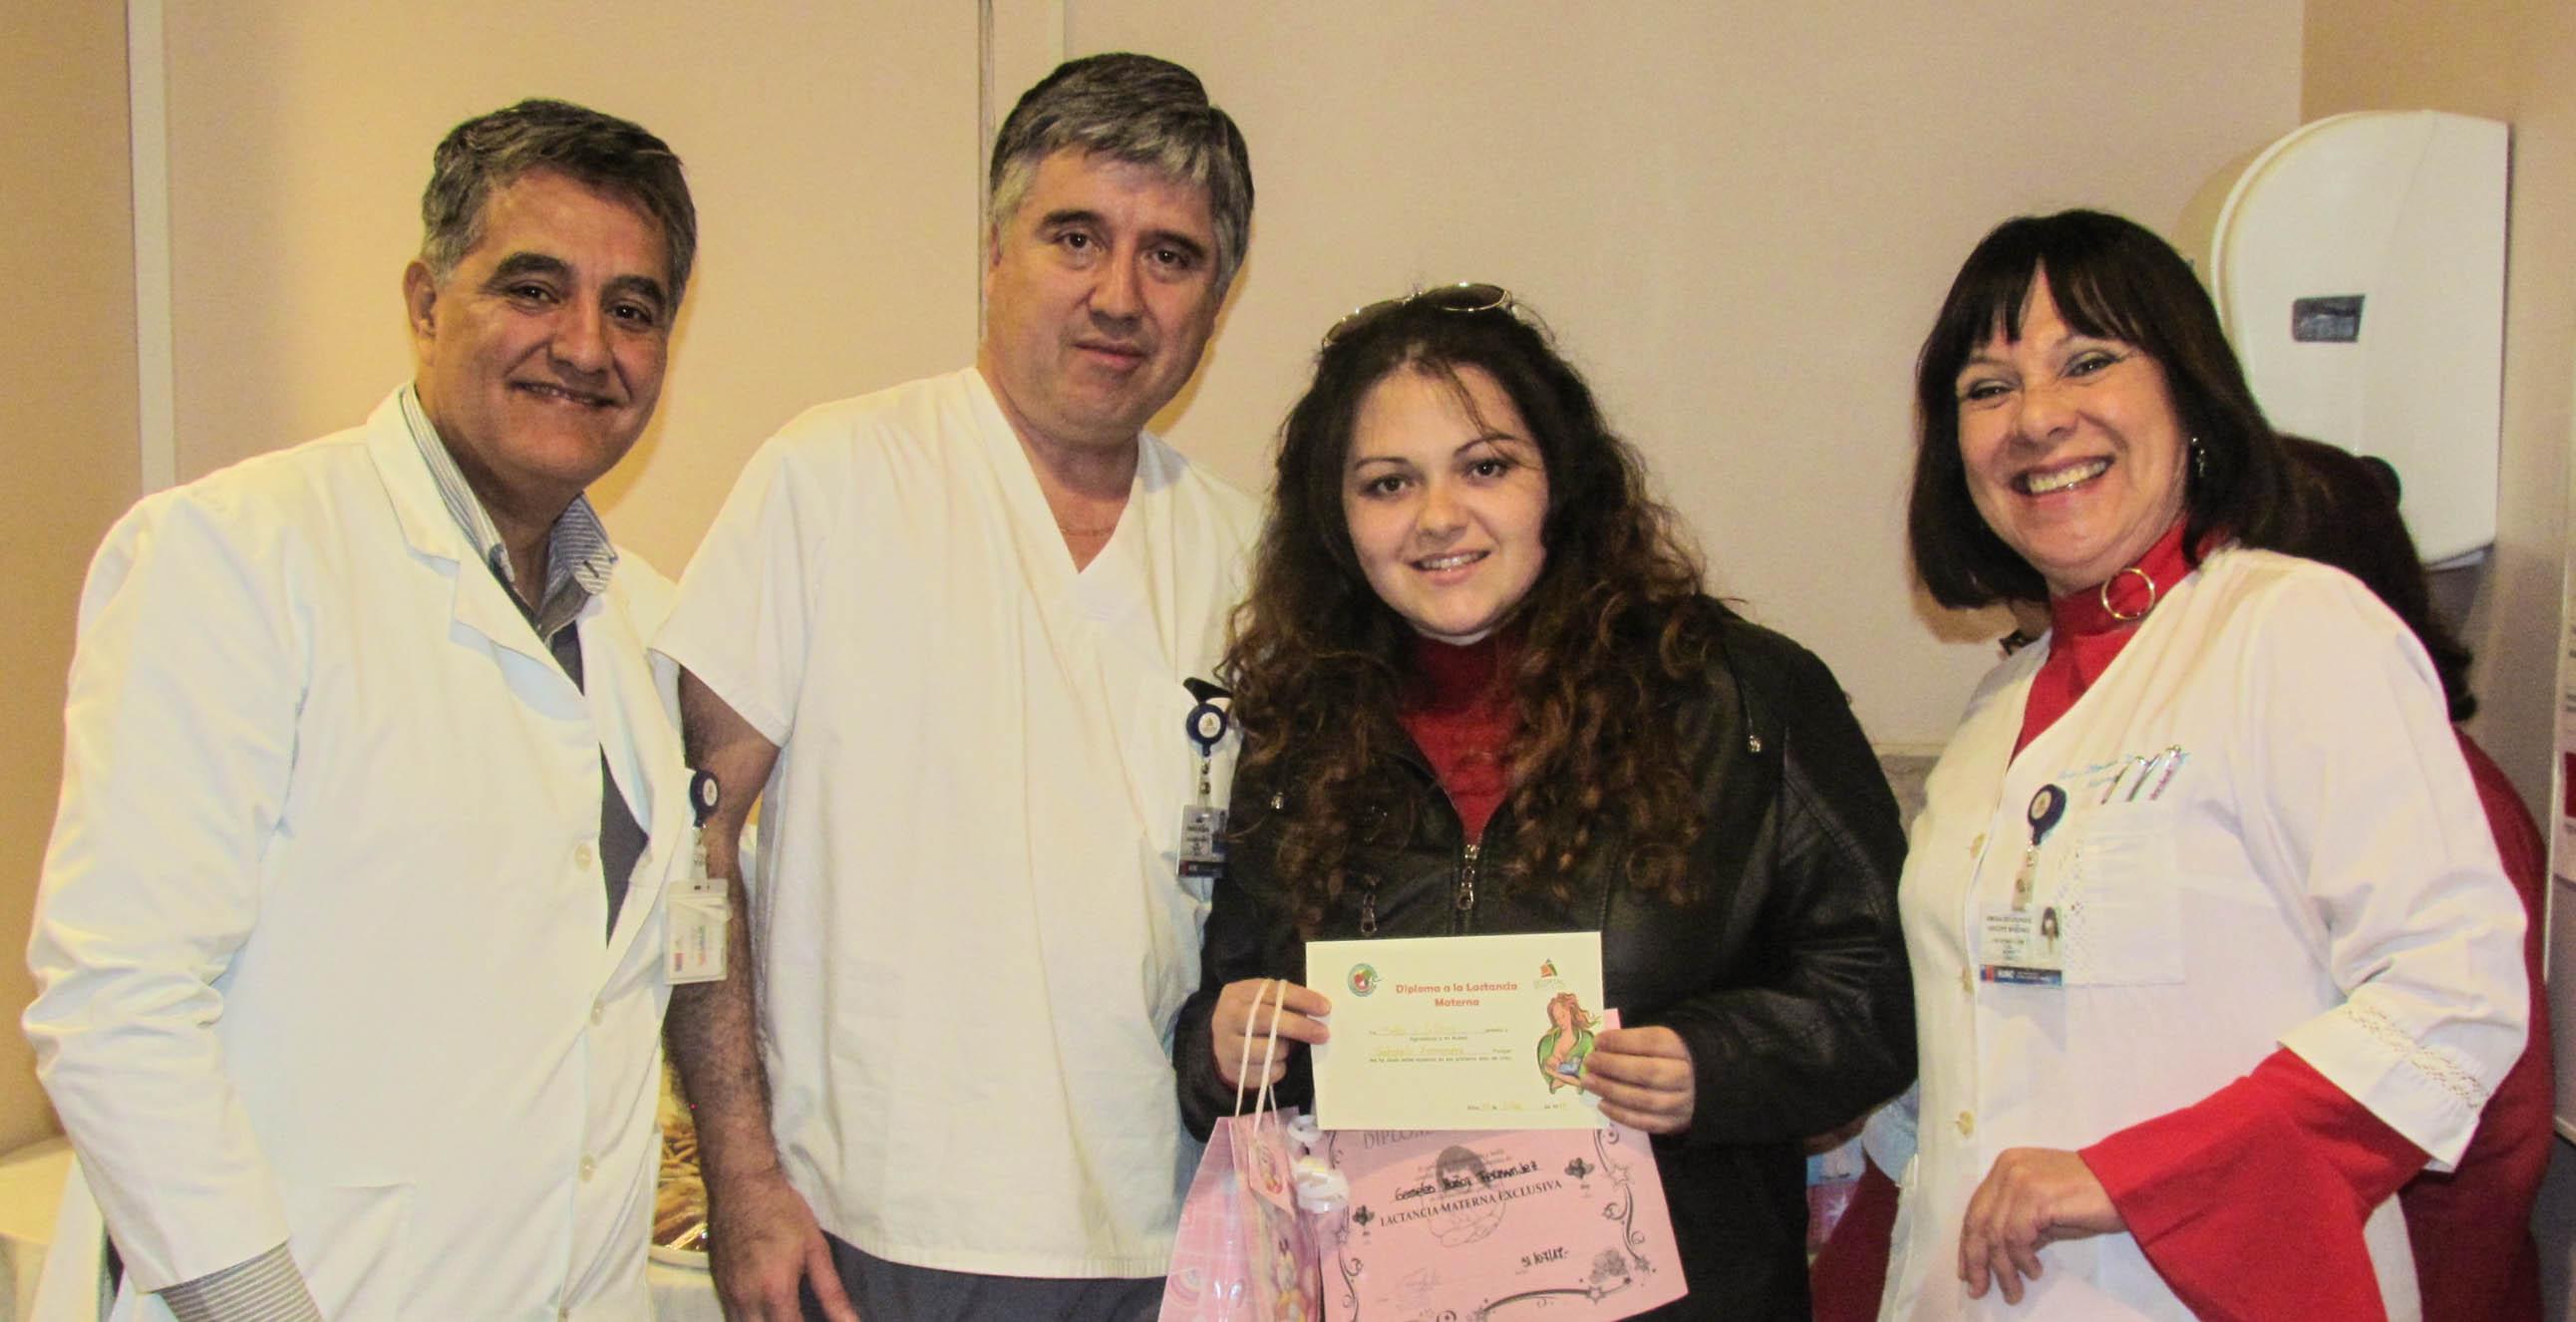 3107 Mamás fueron destacadas en el Hospital de Arica en conmemoración de la Semana Mundial de la Lactancia Materna